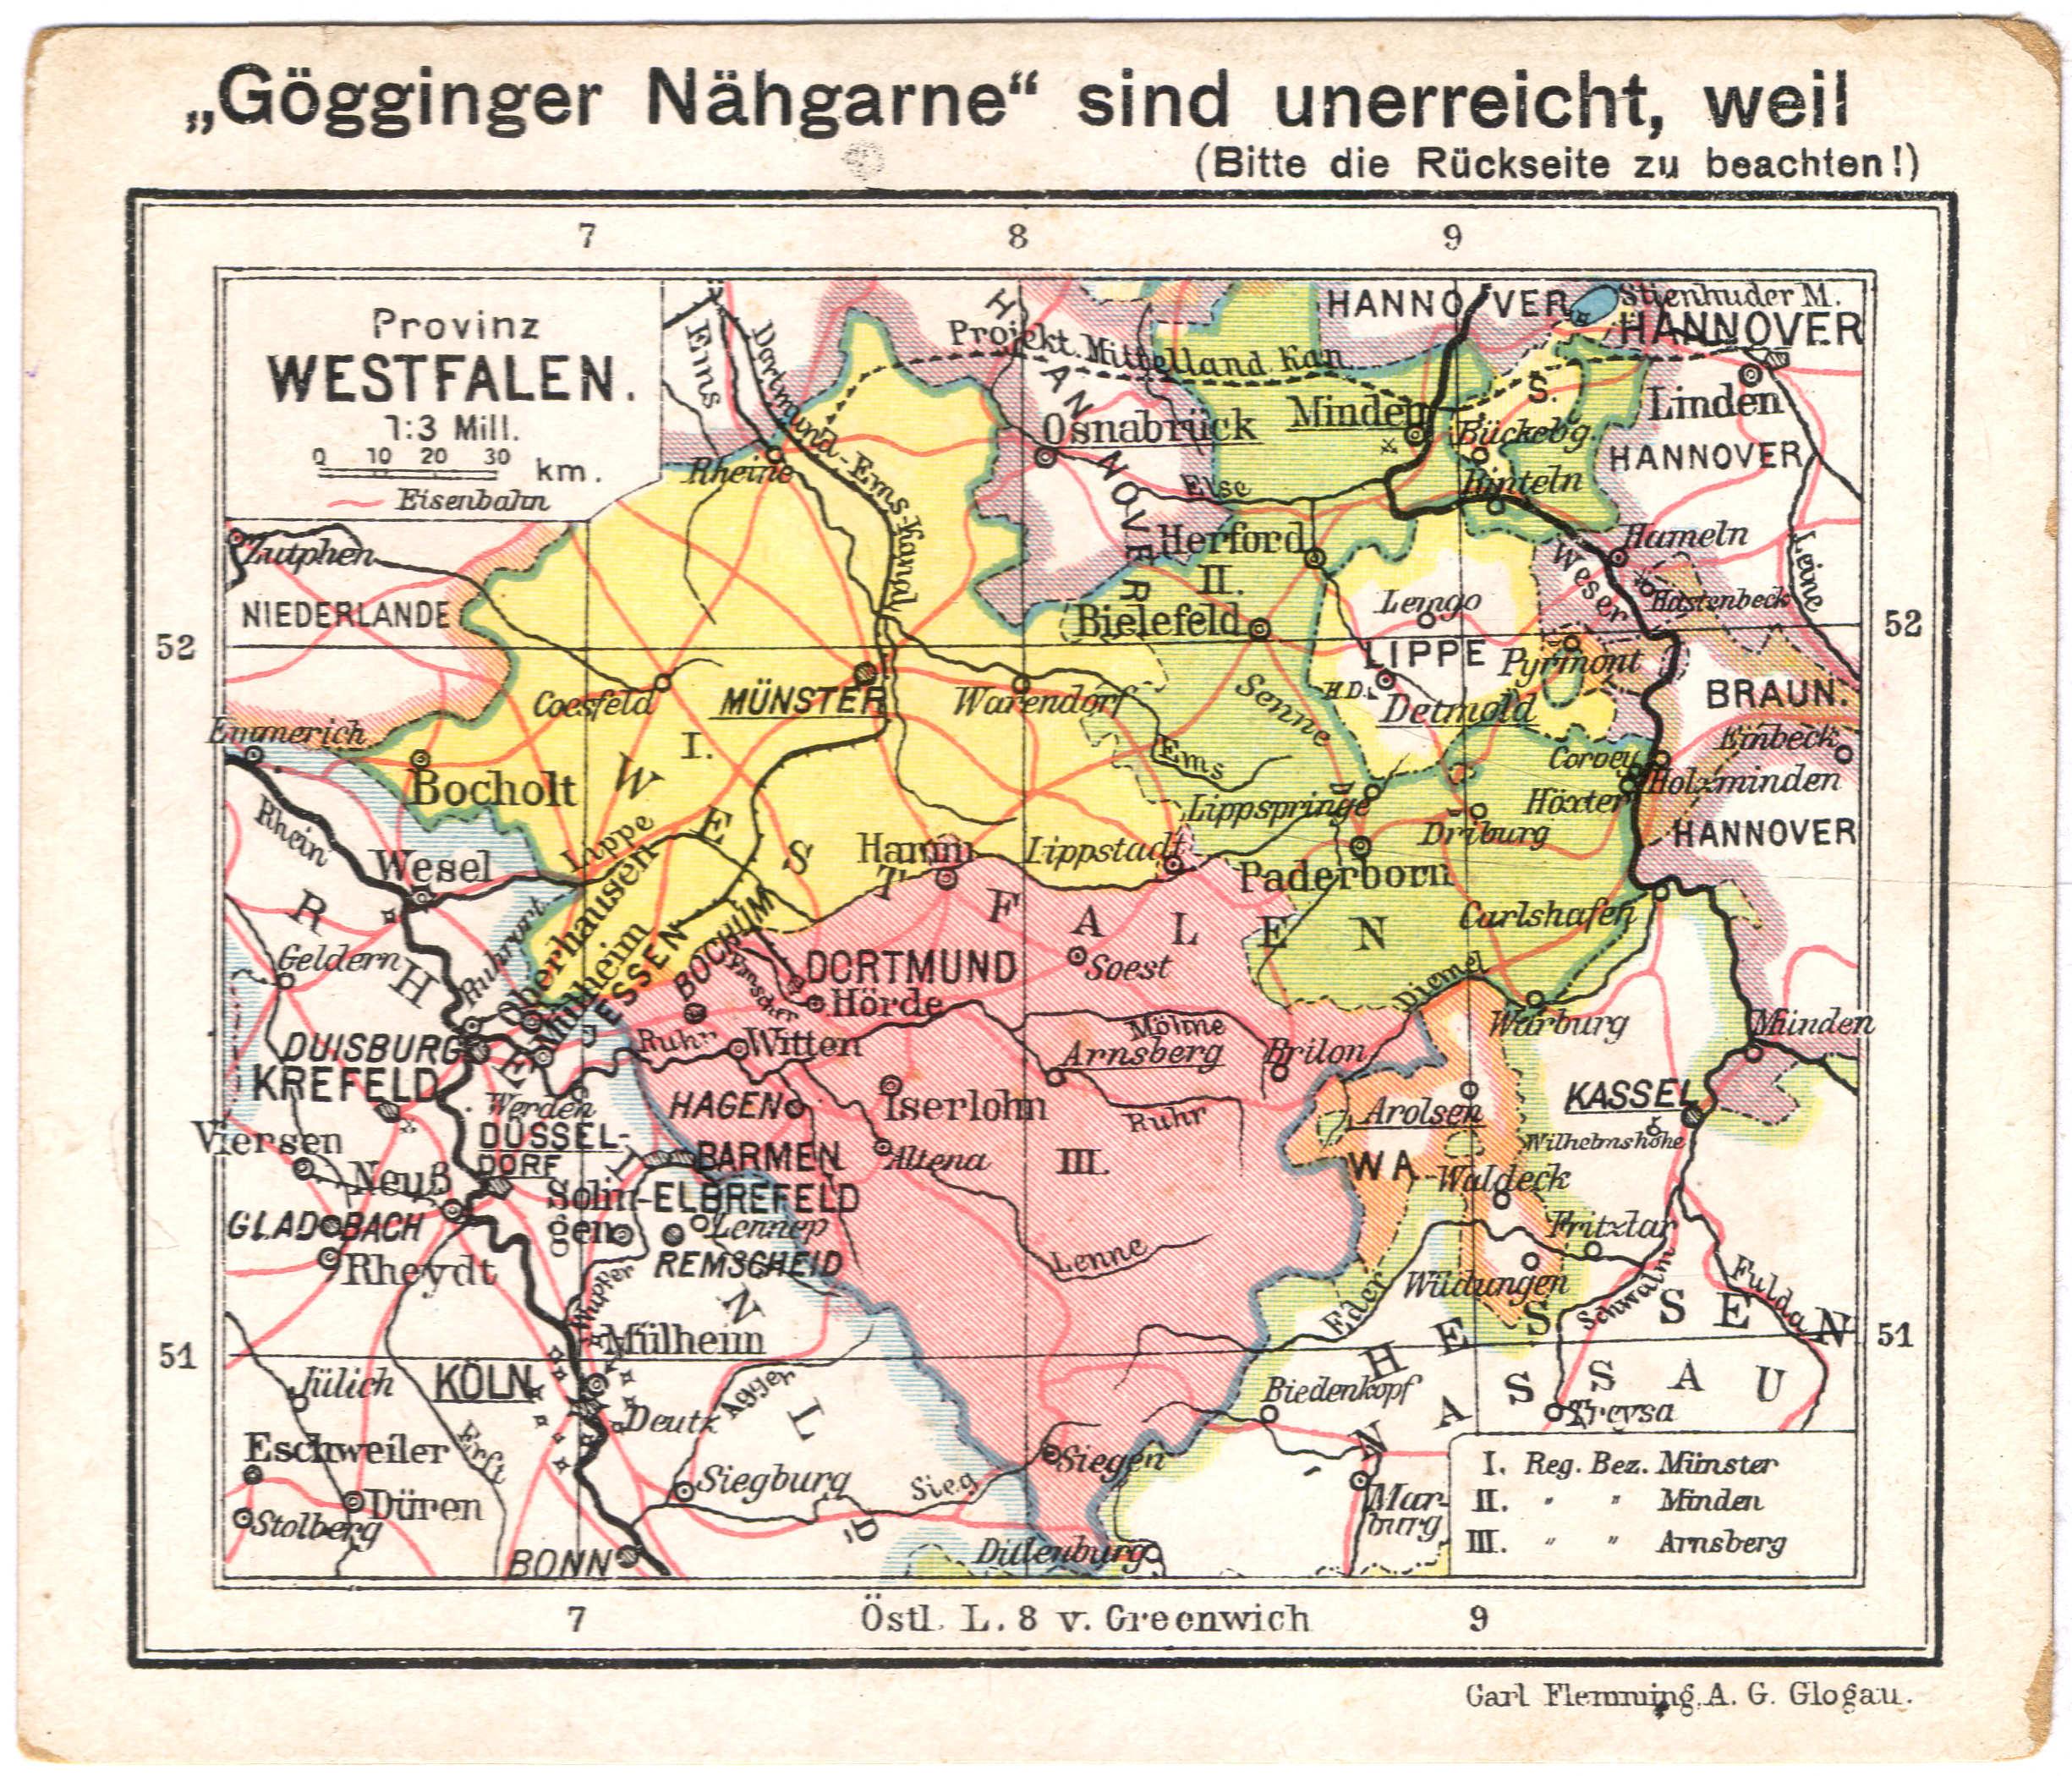 Bildergebnis für Provinz Westfalen Karte